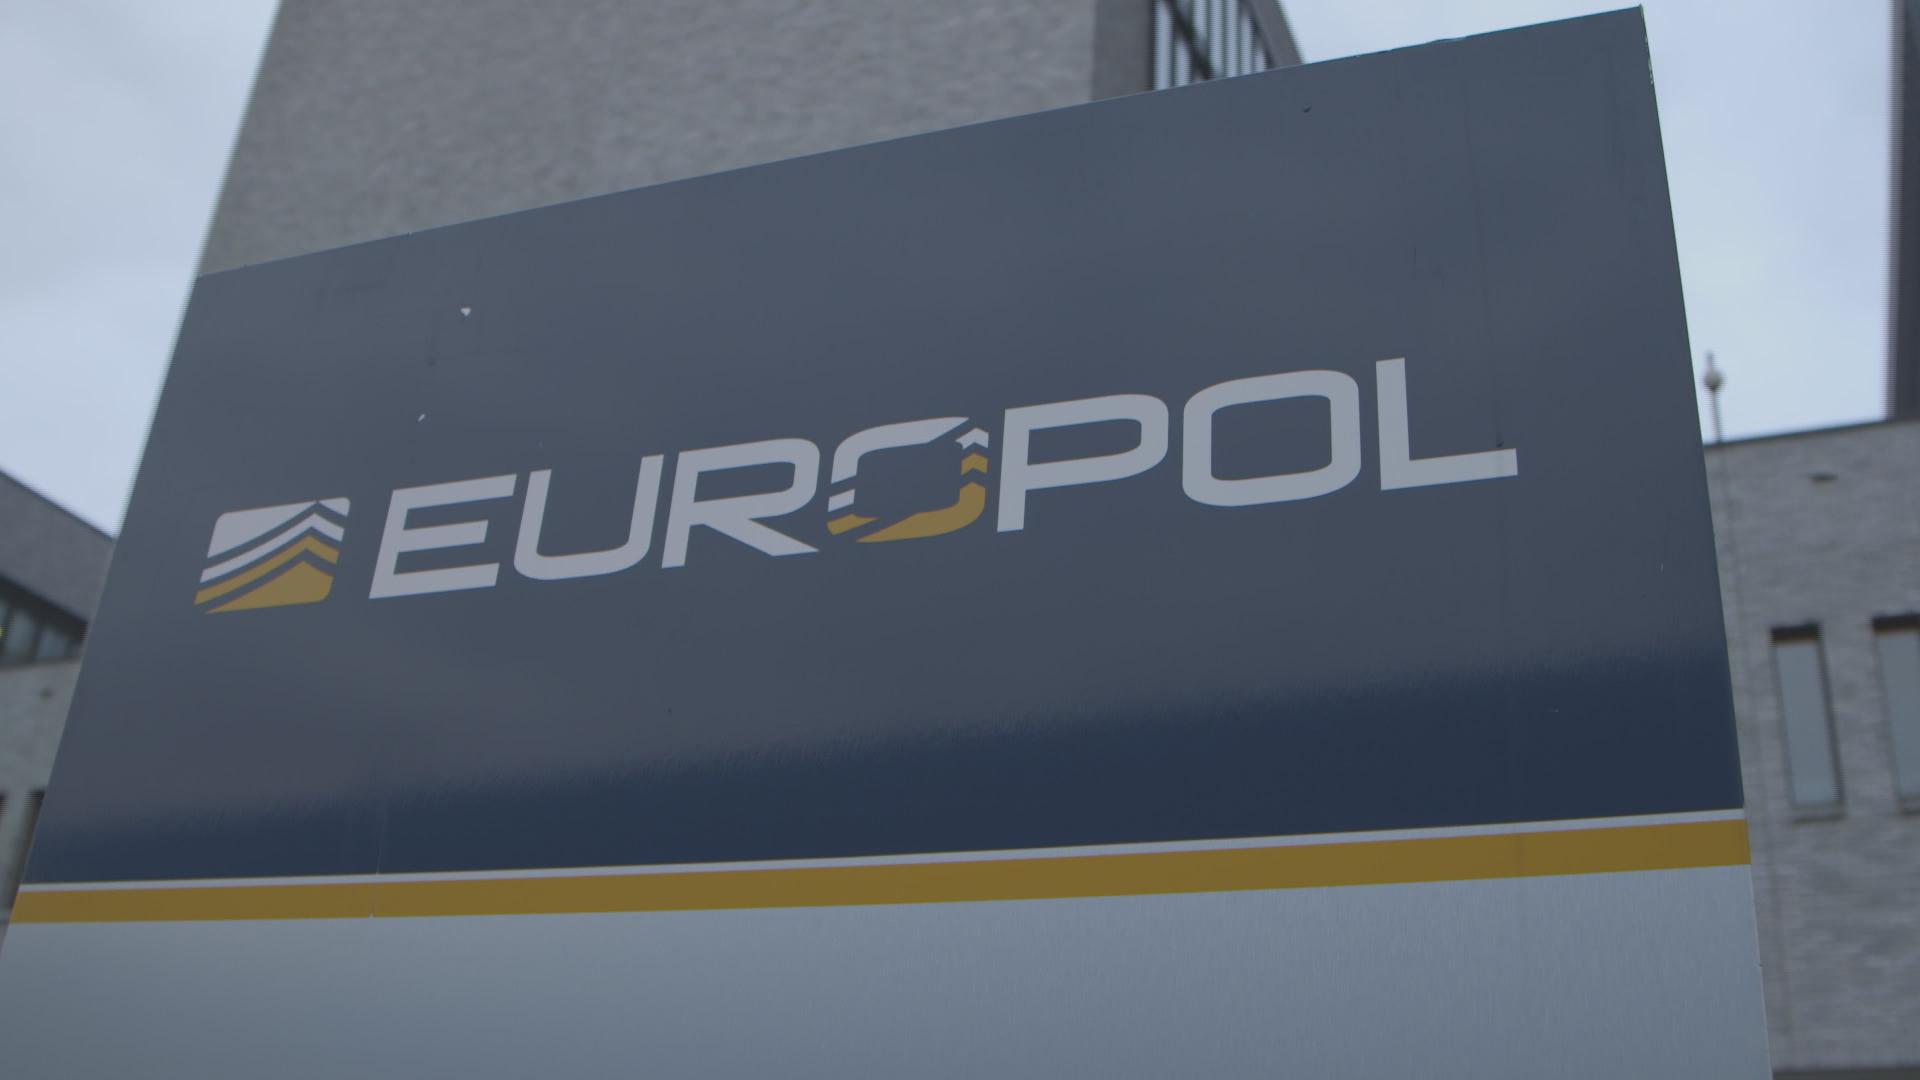 soa_europol_00133608.jpeg